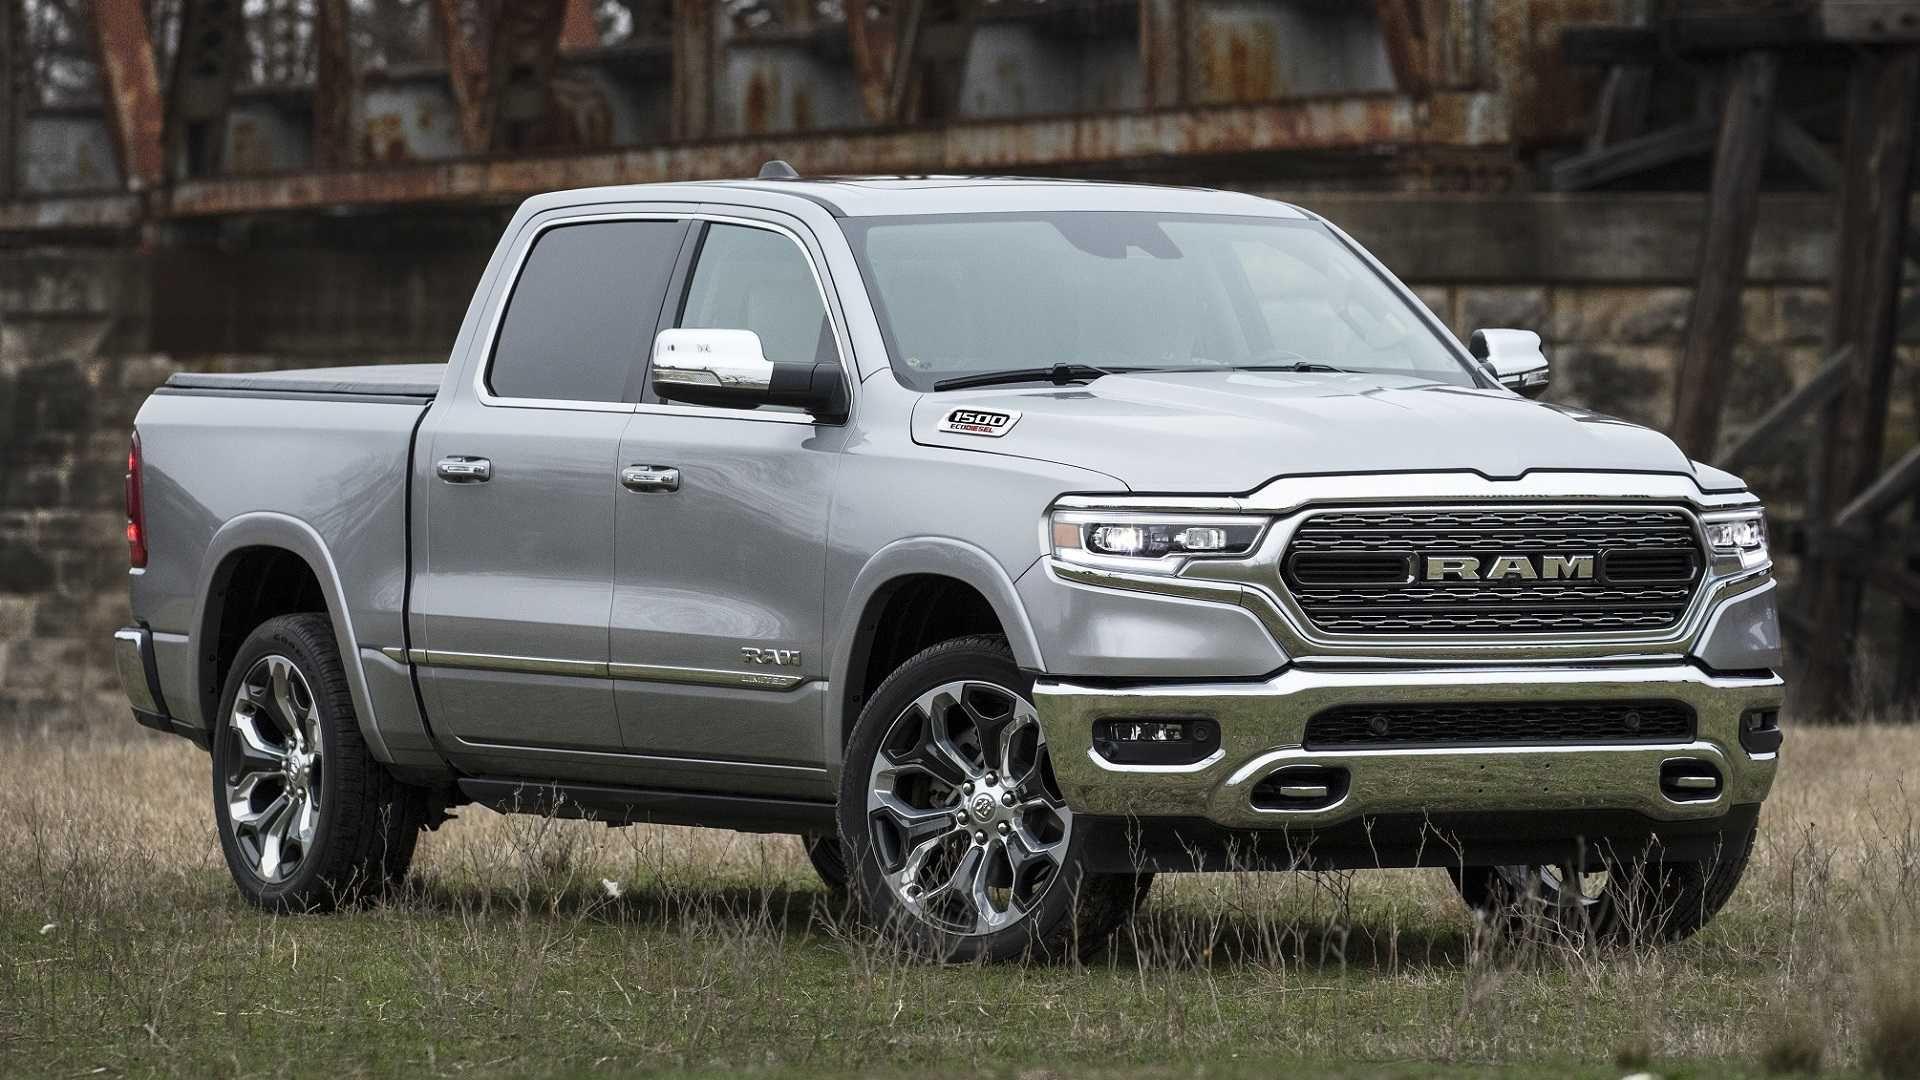 La Camioneta Ram Con Motor Diesel Quedo Atras En Economia De Combustible En 2020 Motor Diesel Camionetas Camiones Dodge